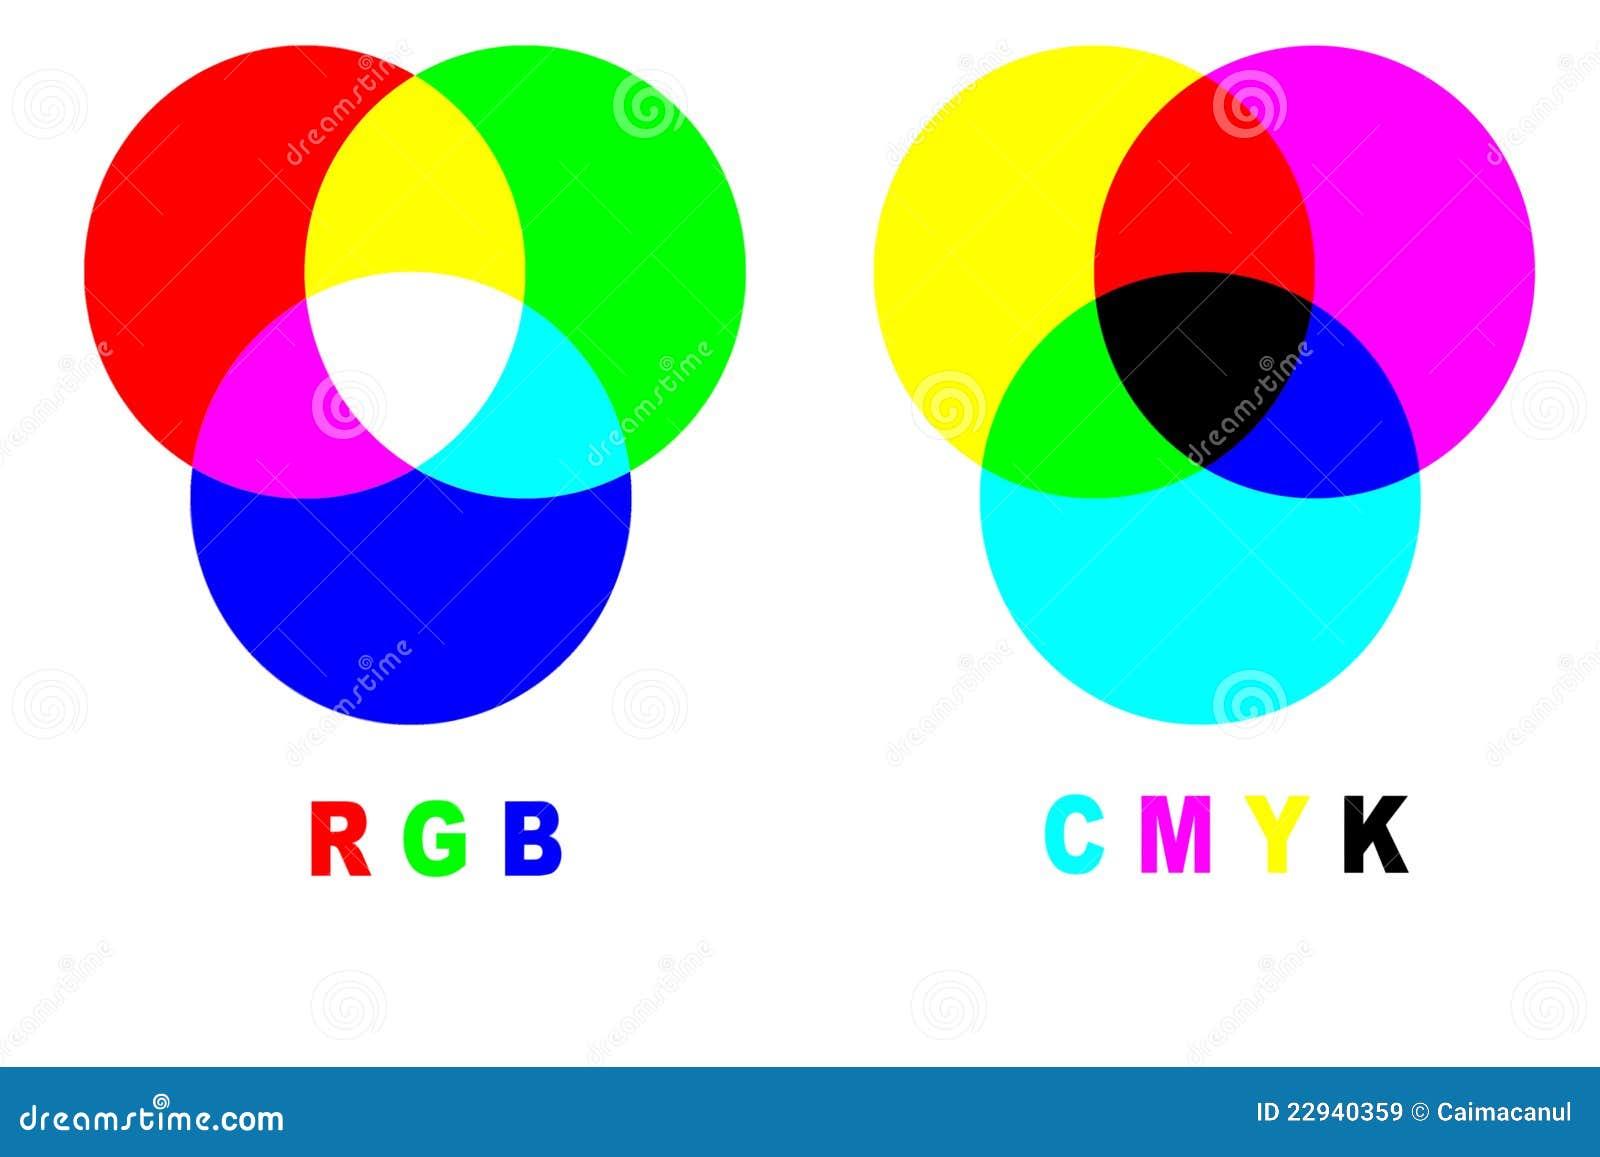 Конвертируем яркие цвета в CMYK